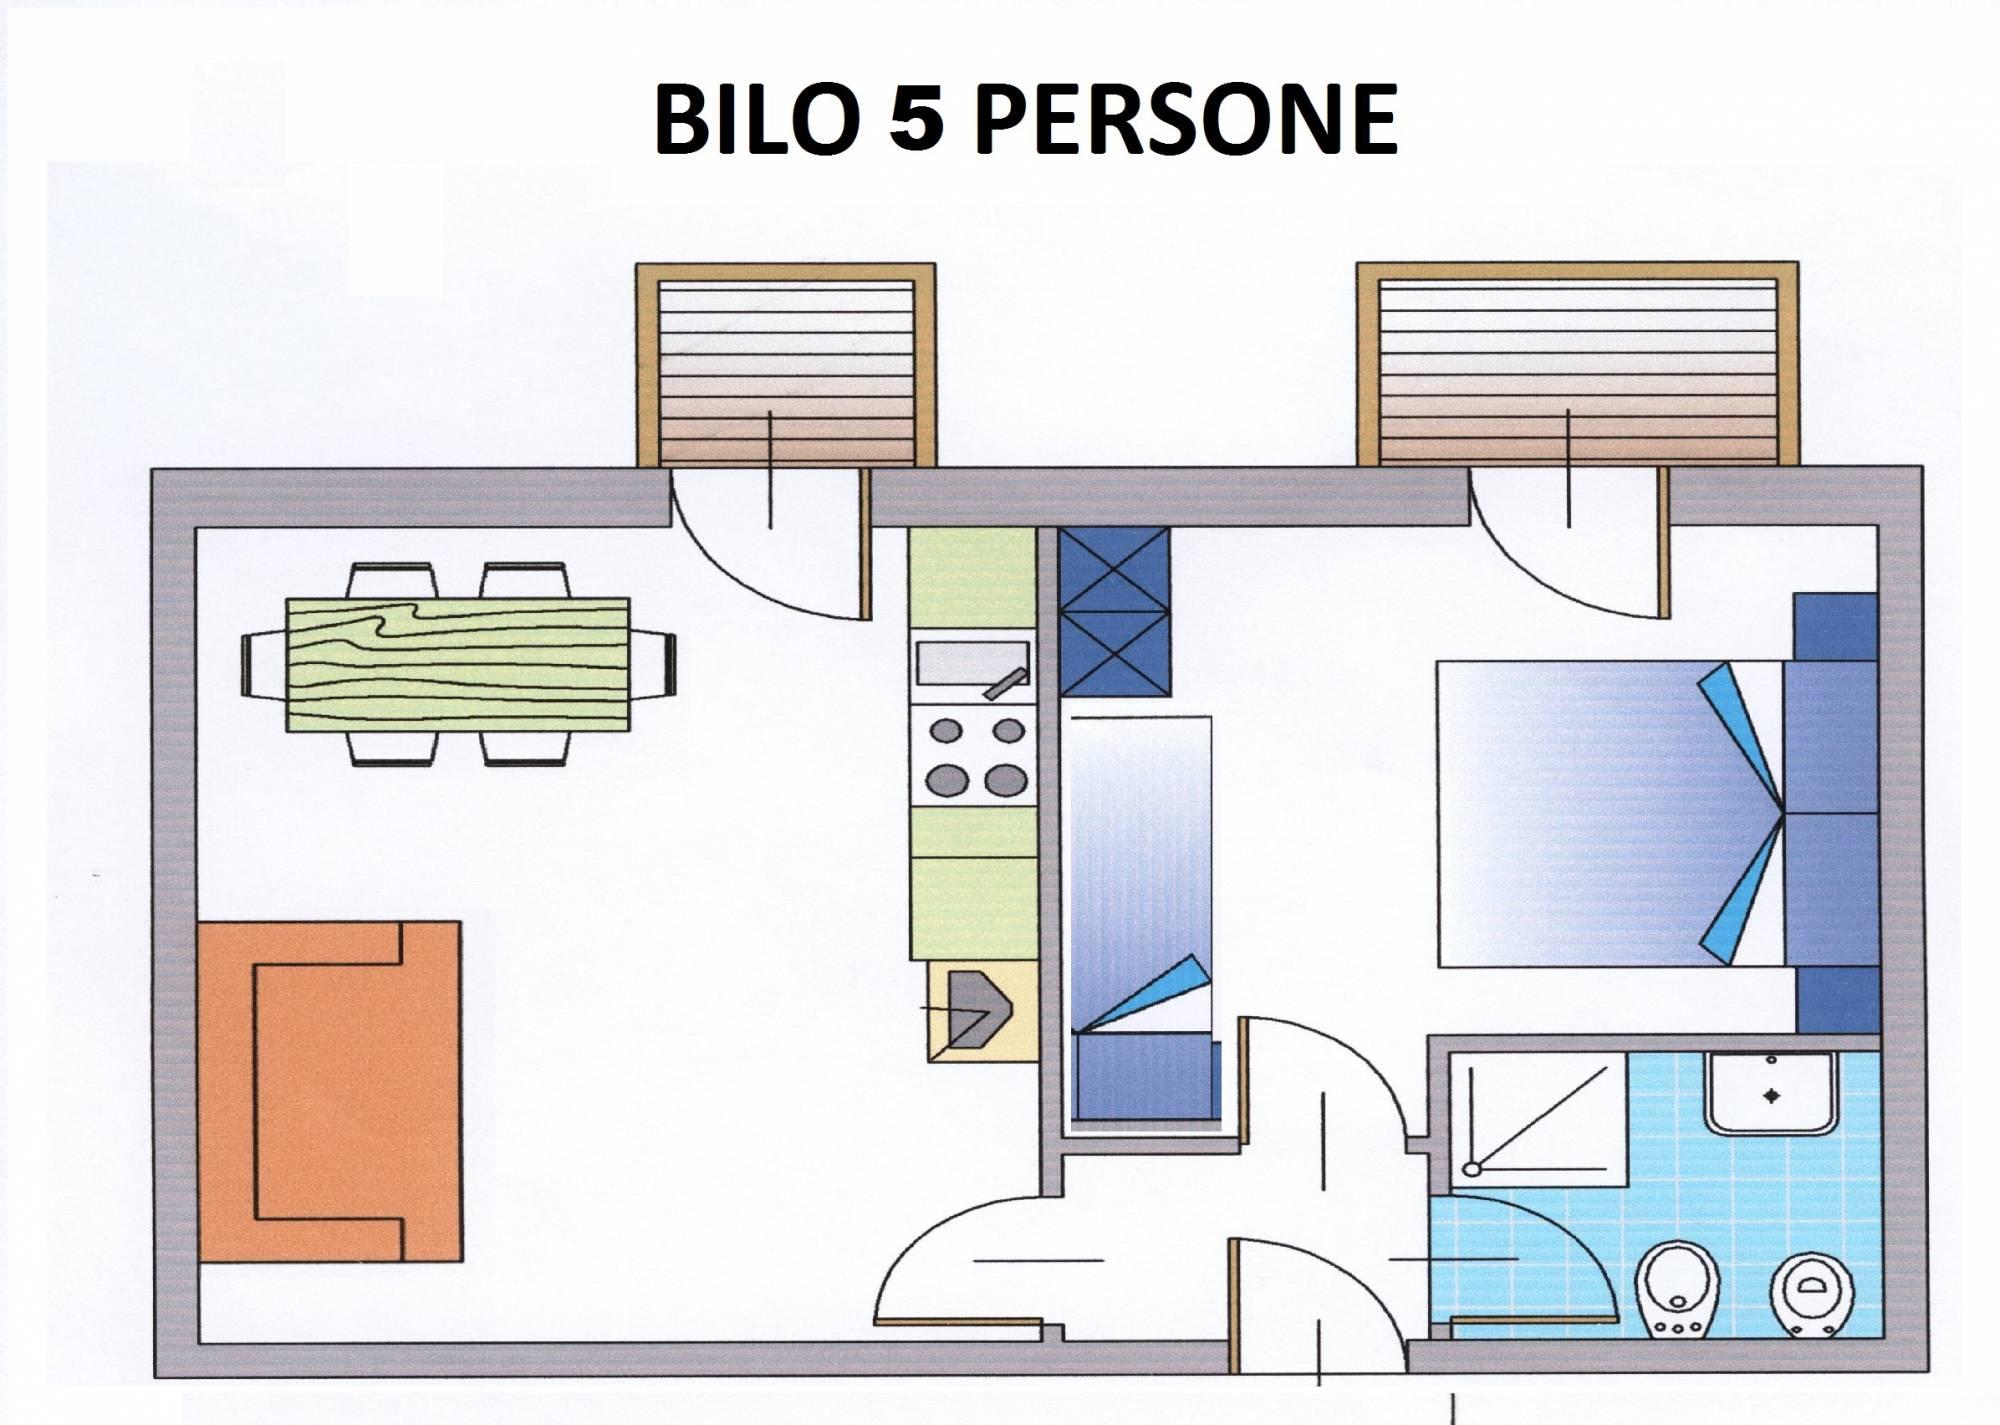 Apartament 2-pokojowy dla 5 osób